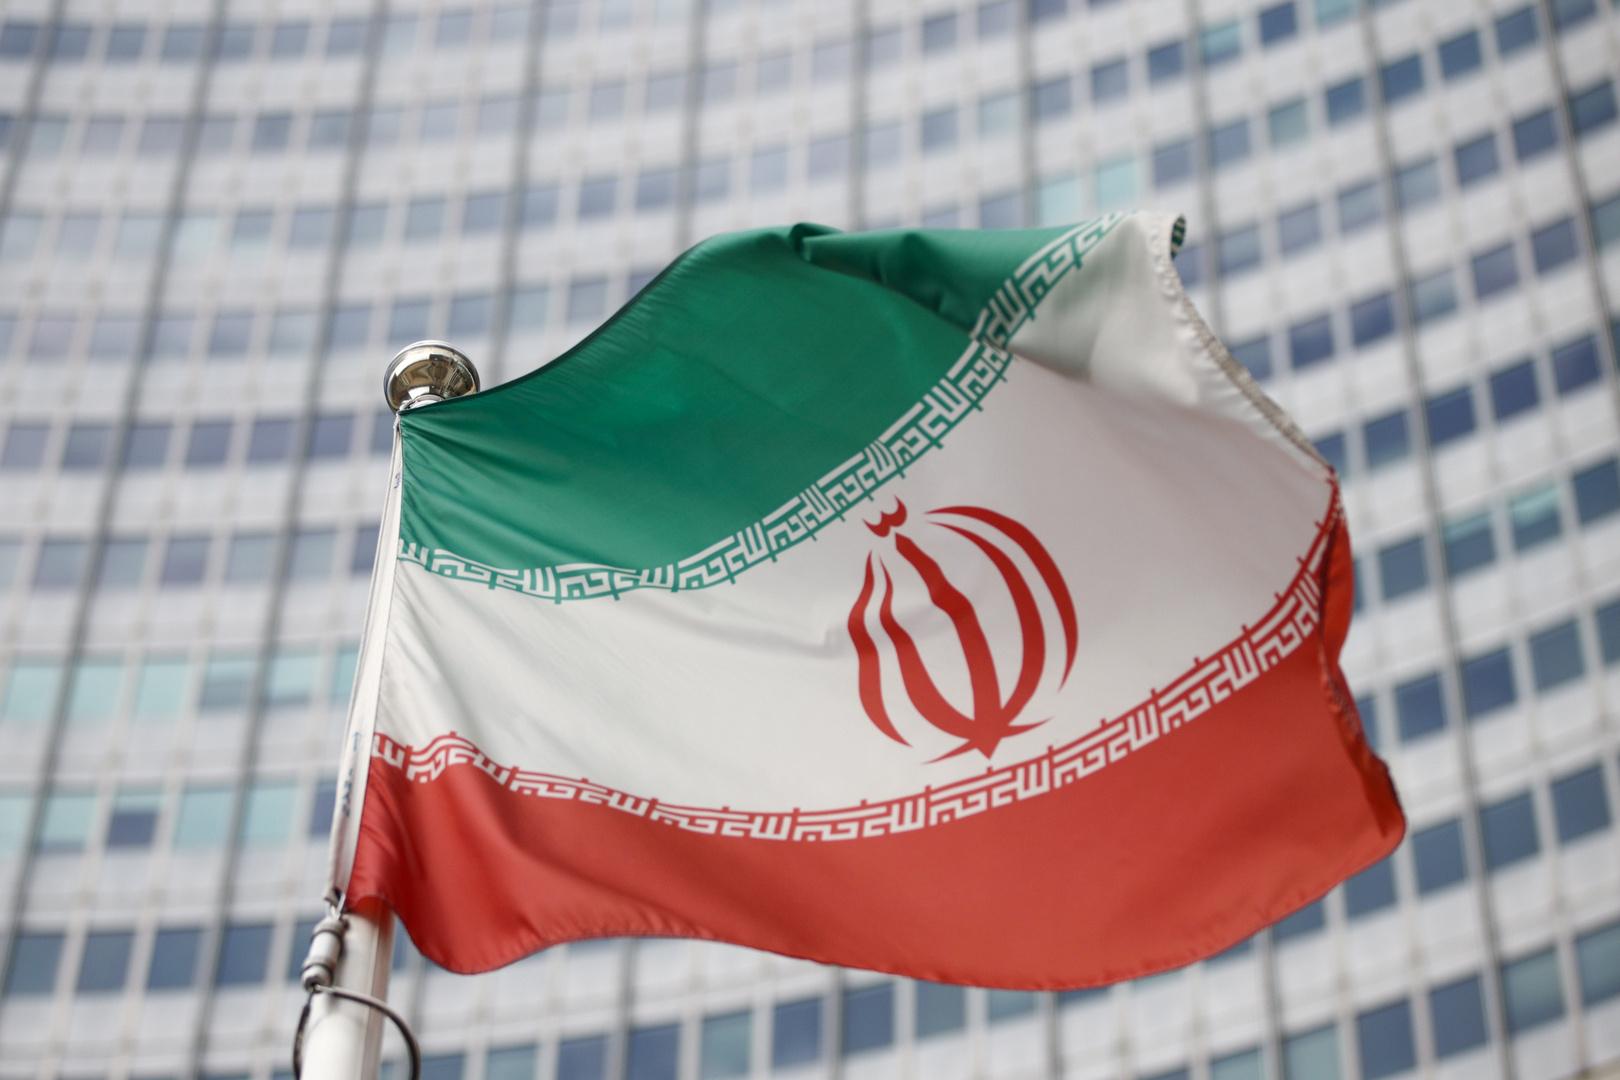 طهران: لن نقدم للوكالة الدولية للطاقة الذرية أي معلومات جديدة أو إضافية